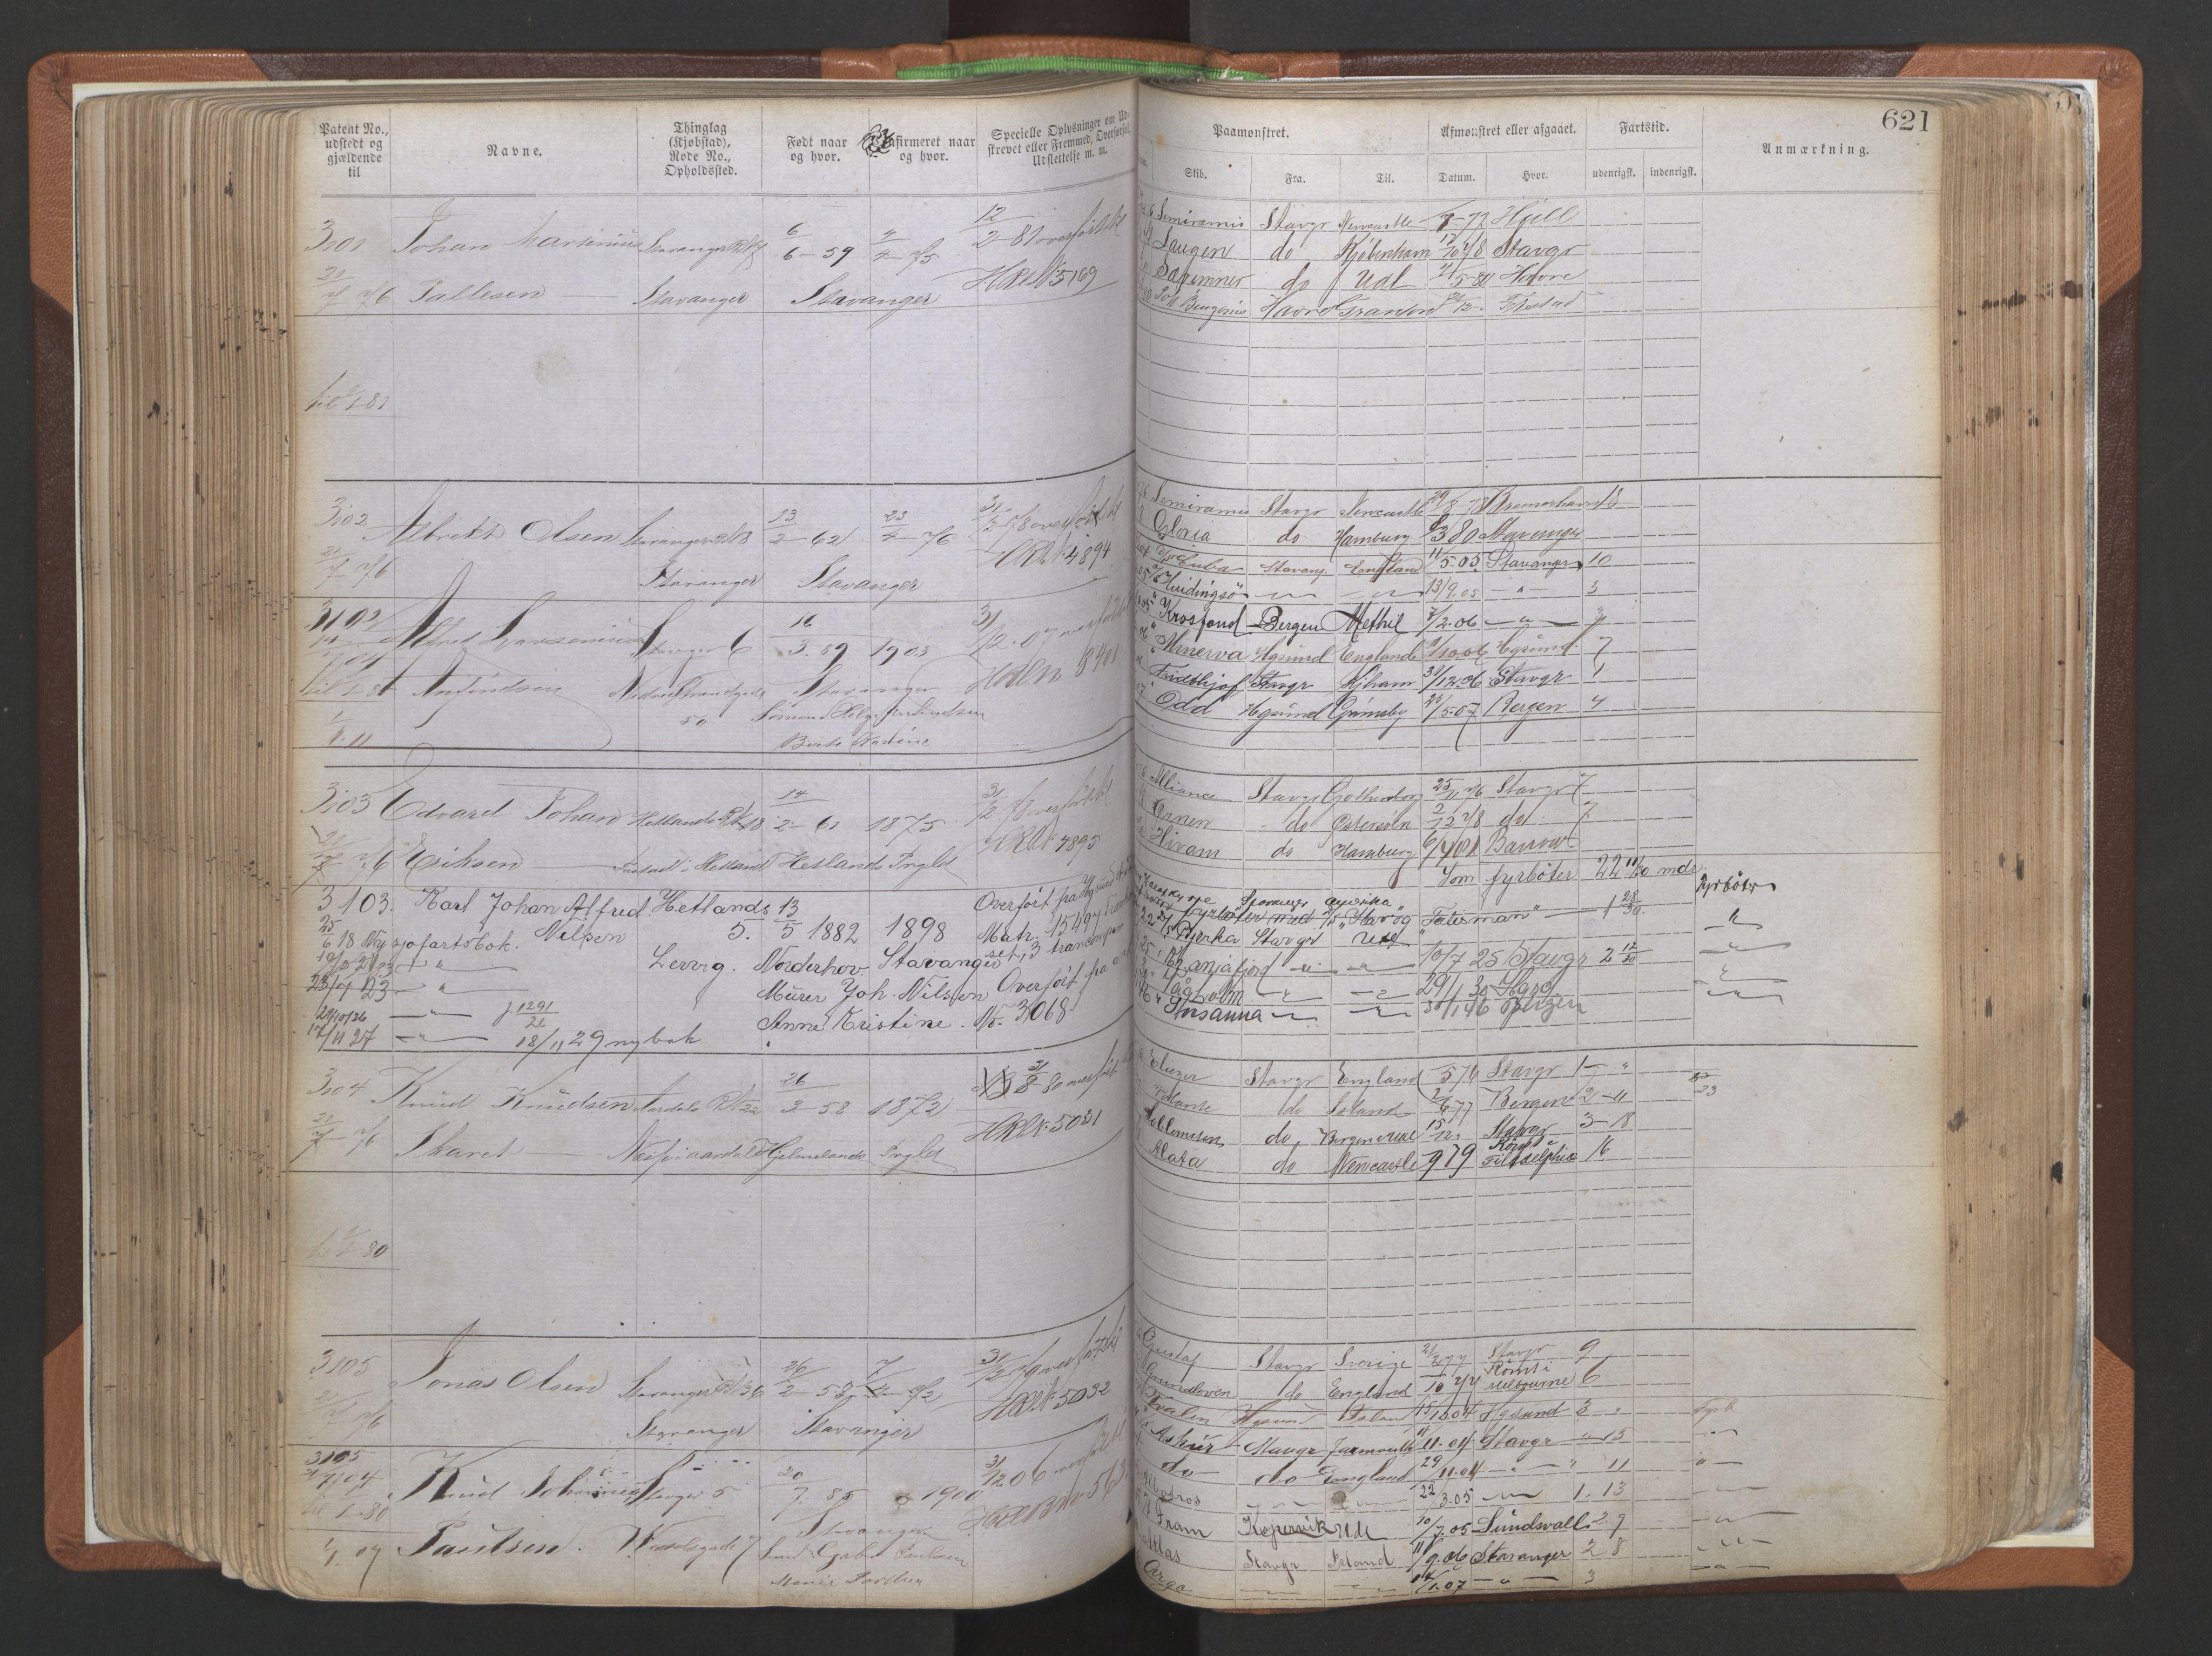 SAST, Stavanger sjømannskontor, F/Ff/L0009: Annotasjonsrulle, patentnr. 1805-3605 (dublett), 1872-1900, s. 264